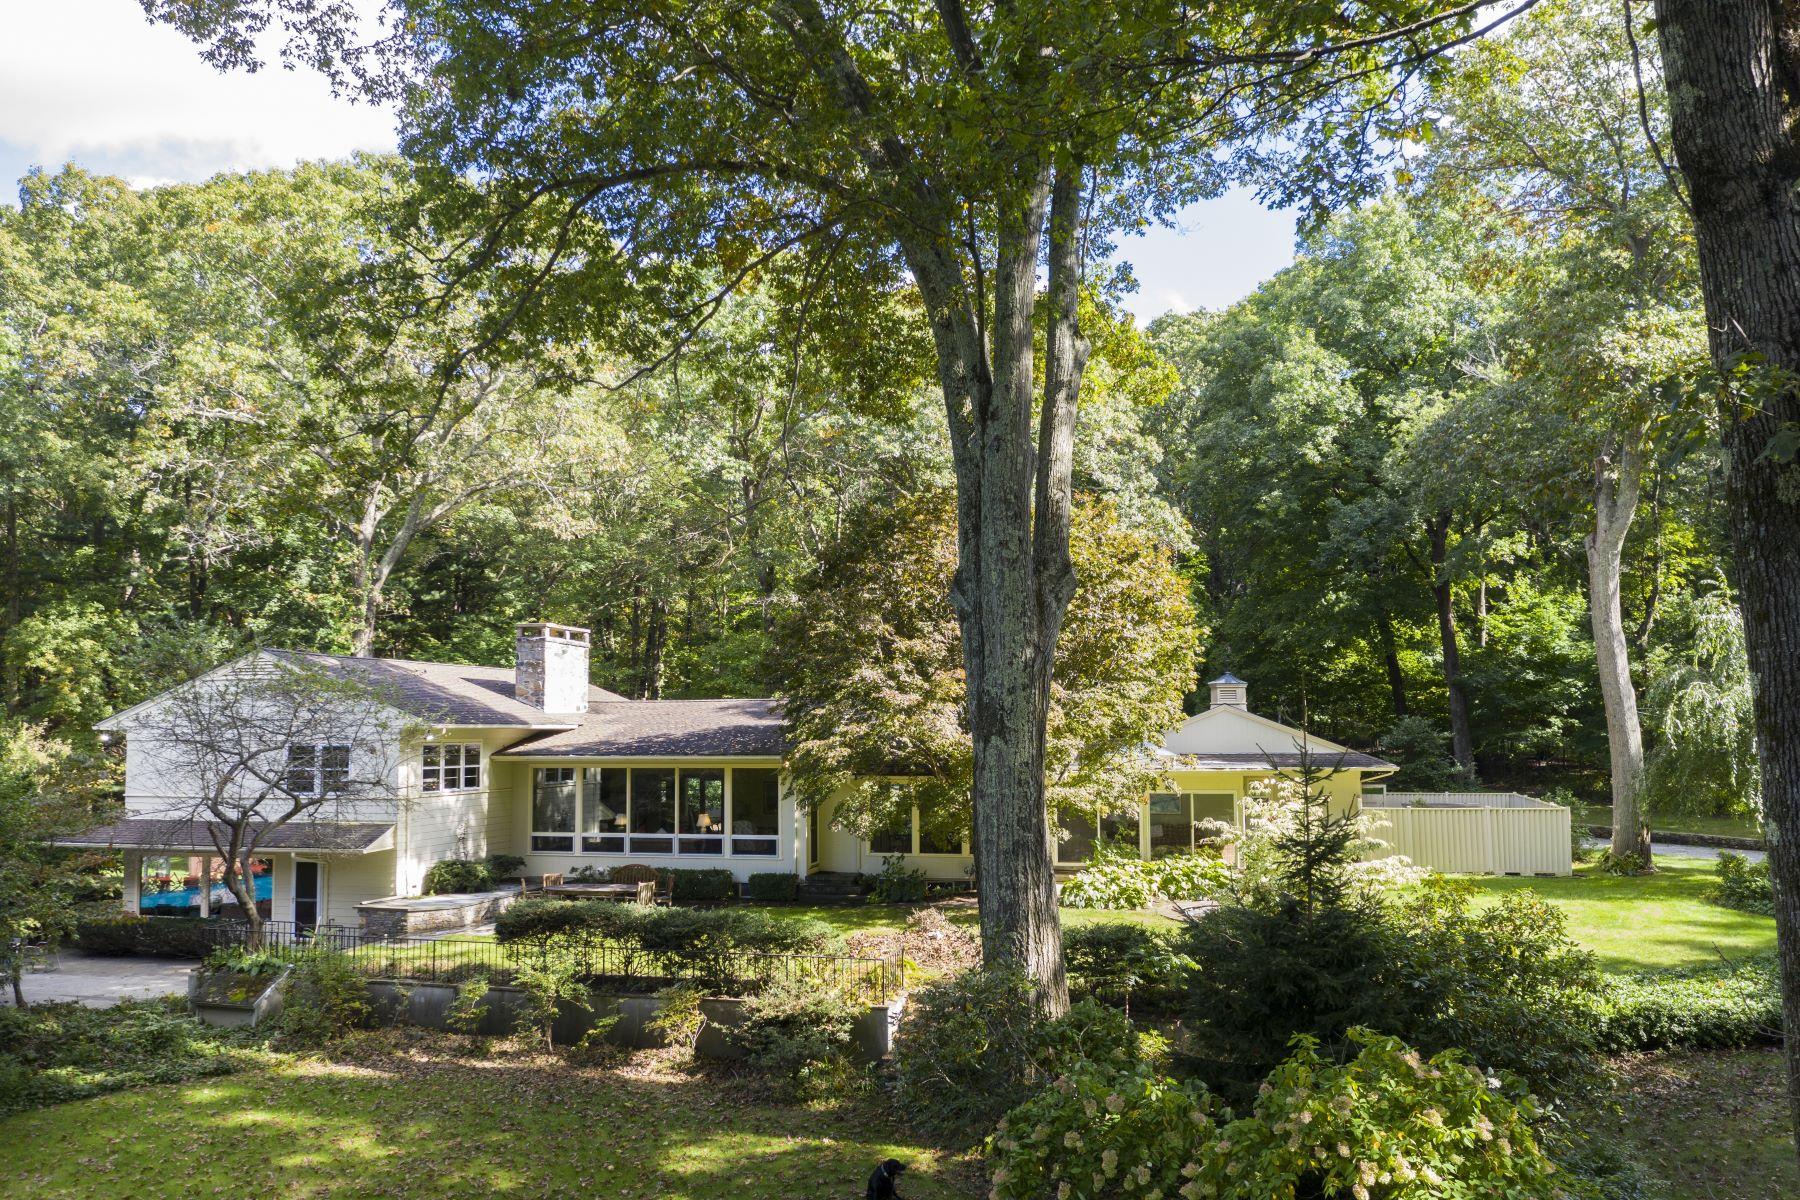 Μονοκατοικία για την Πώληση στο 275 Forge Rd, North Kingstown, RI North Kingstown, Ροουντ Αϊλαντ 02852 Ηνωμένες Πολιτείες